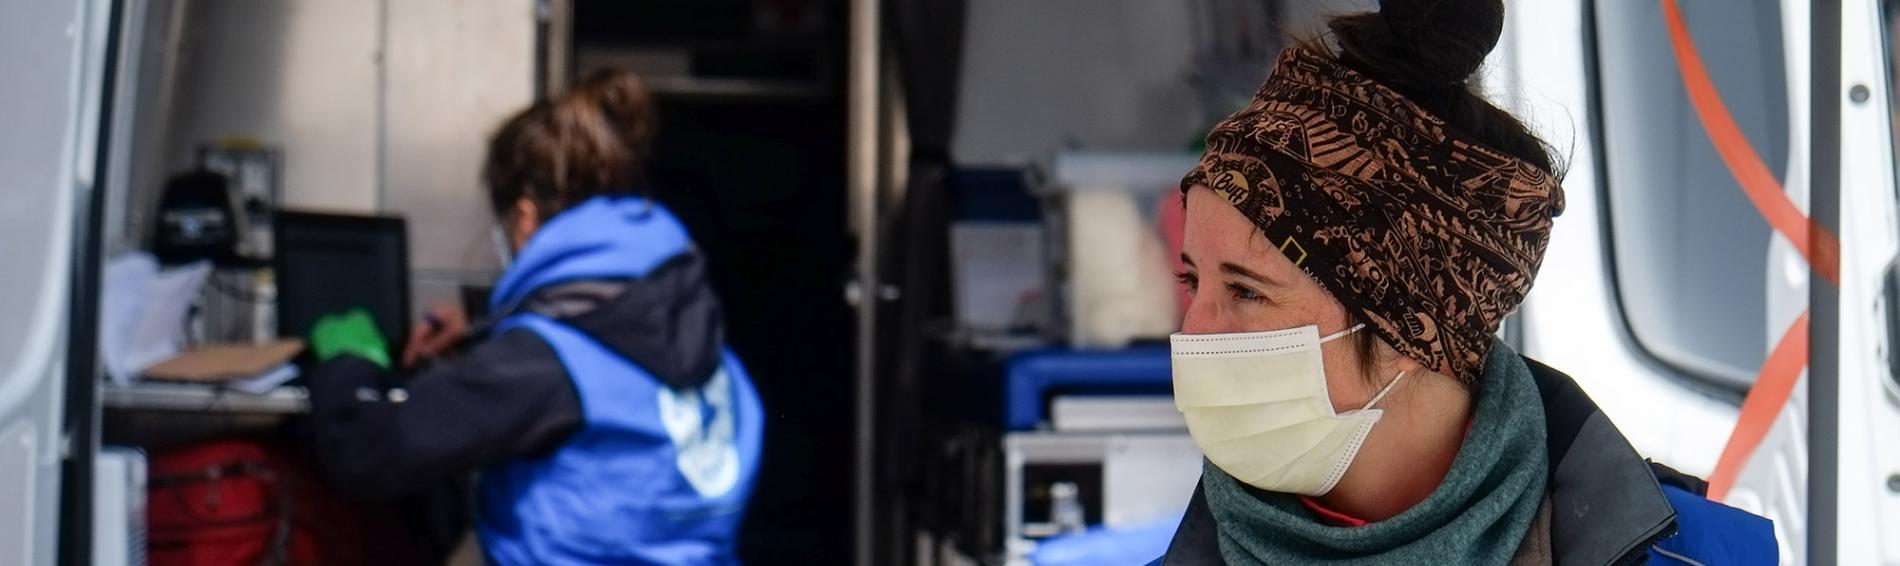 Ärzte der Welt Kanada ist auch trotz der Coronakrise aktiv. Foto: Cédric Martin